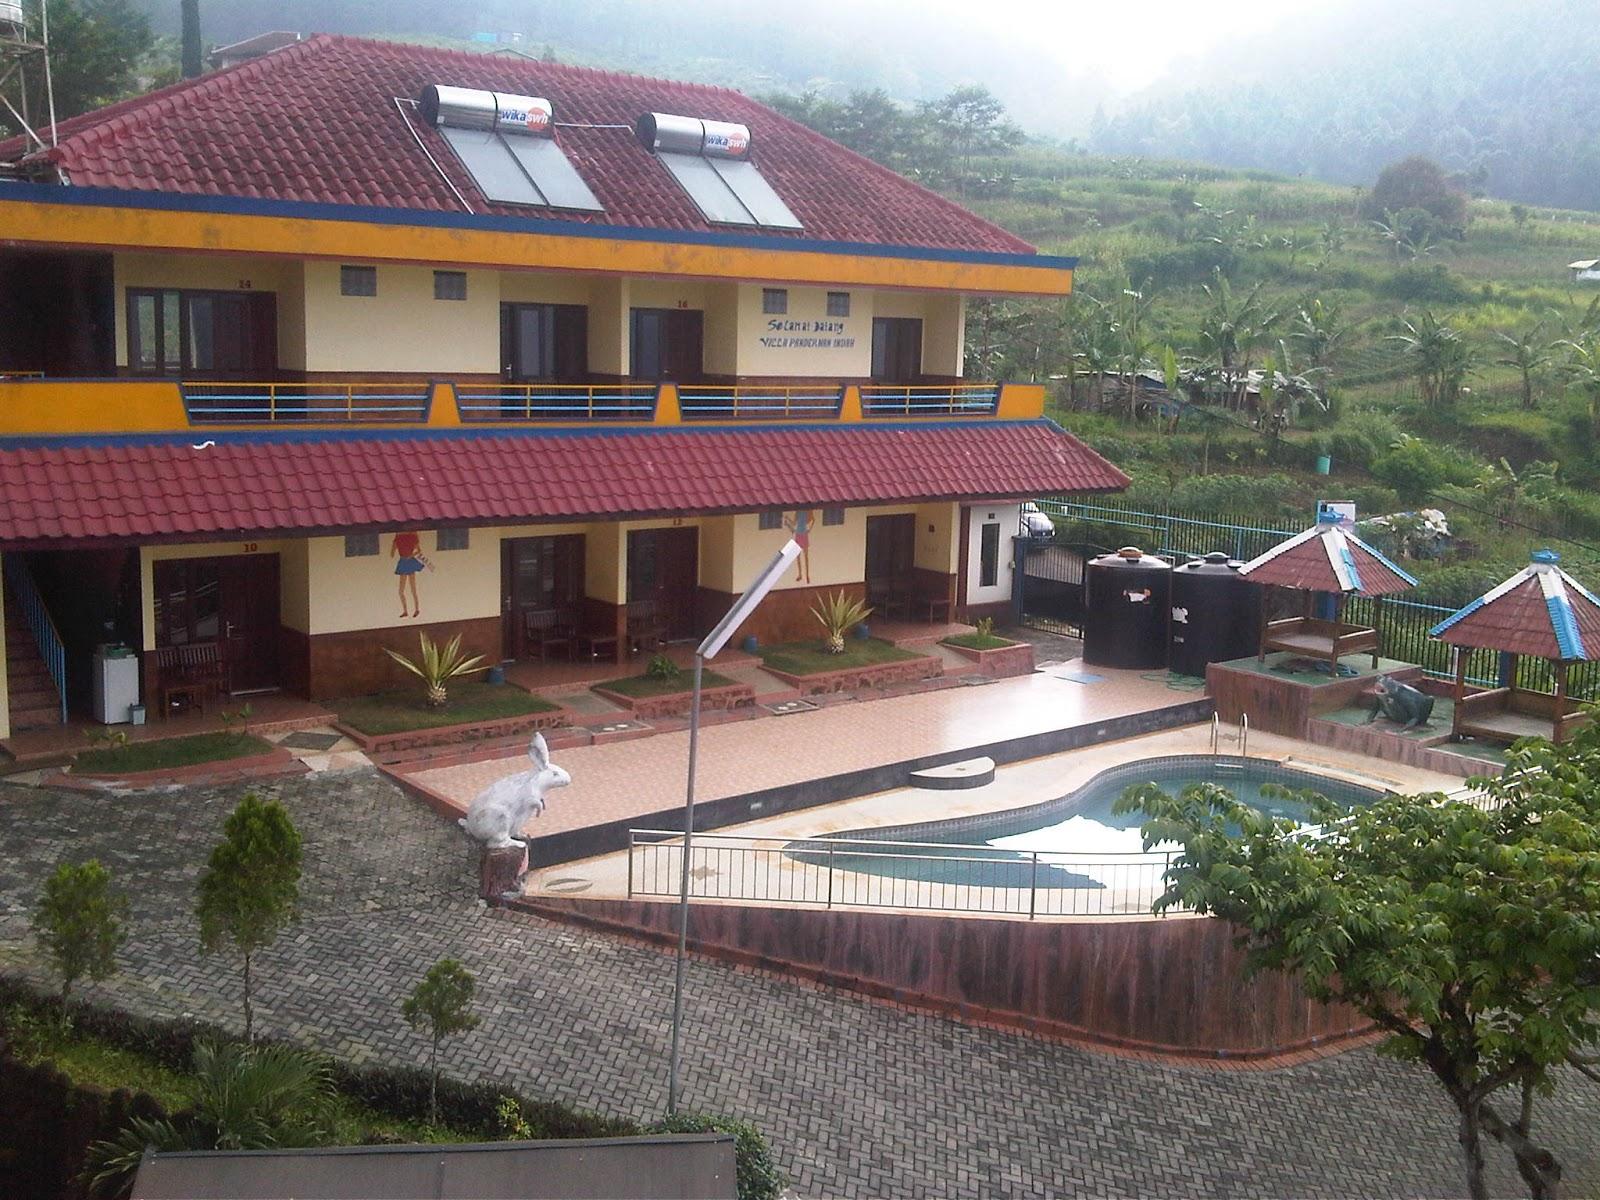 Daftar Hotel Dan Penginapan Murah Di Kota Batu Malang Jawa Timur